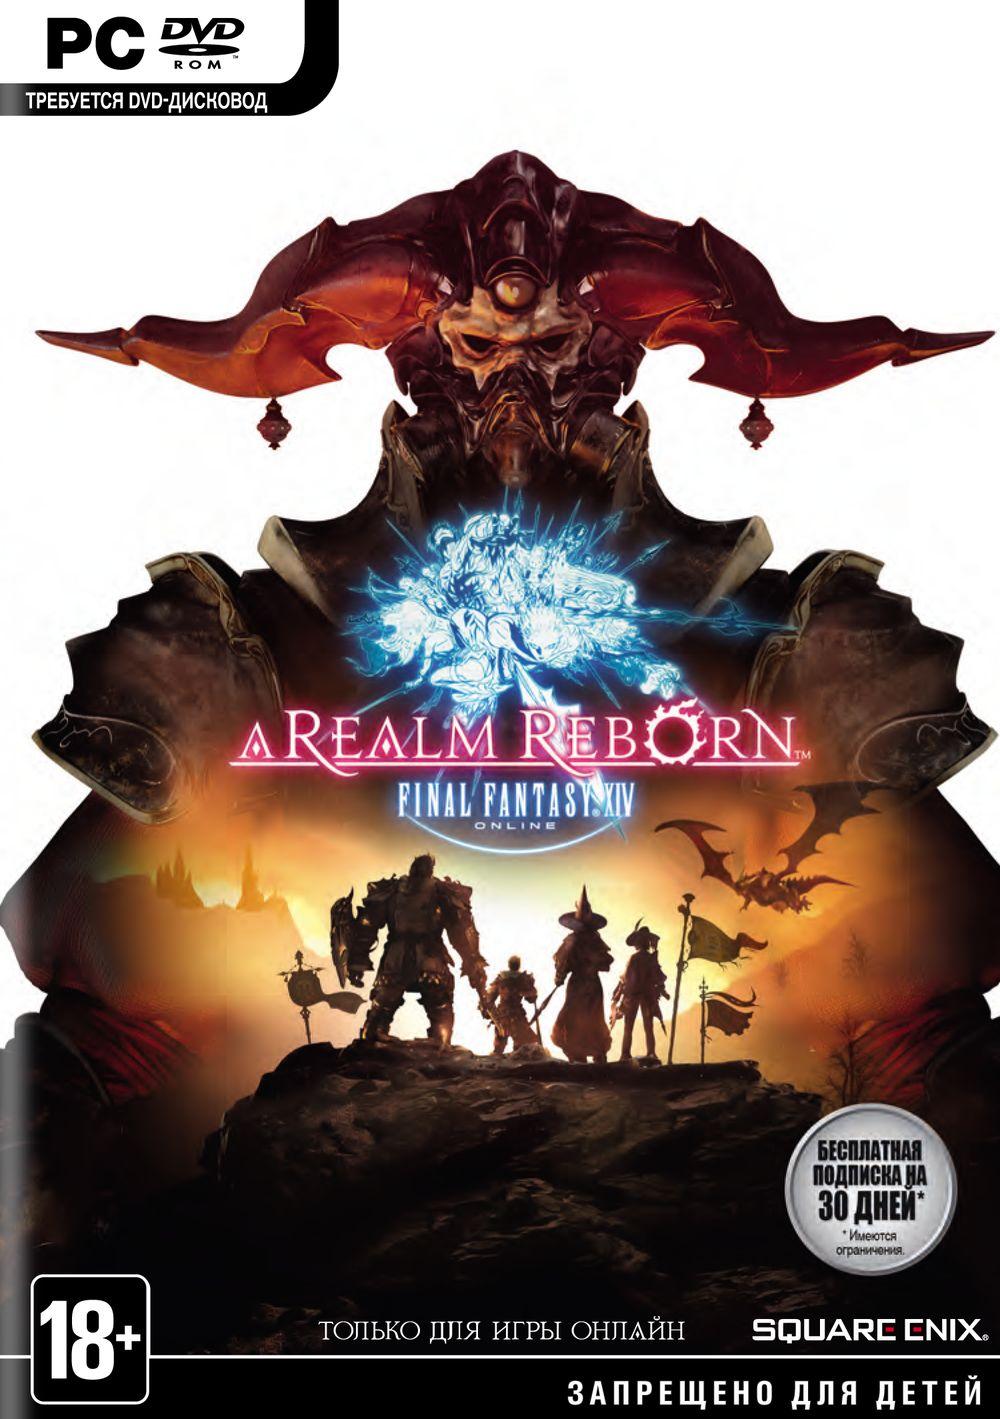 Final Fantasy XIV: A Realm Reborn. Standart Edition PC-DVD (DVD-Box)